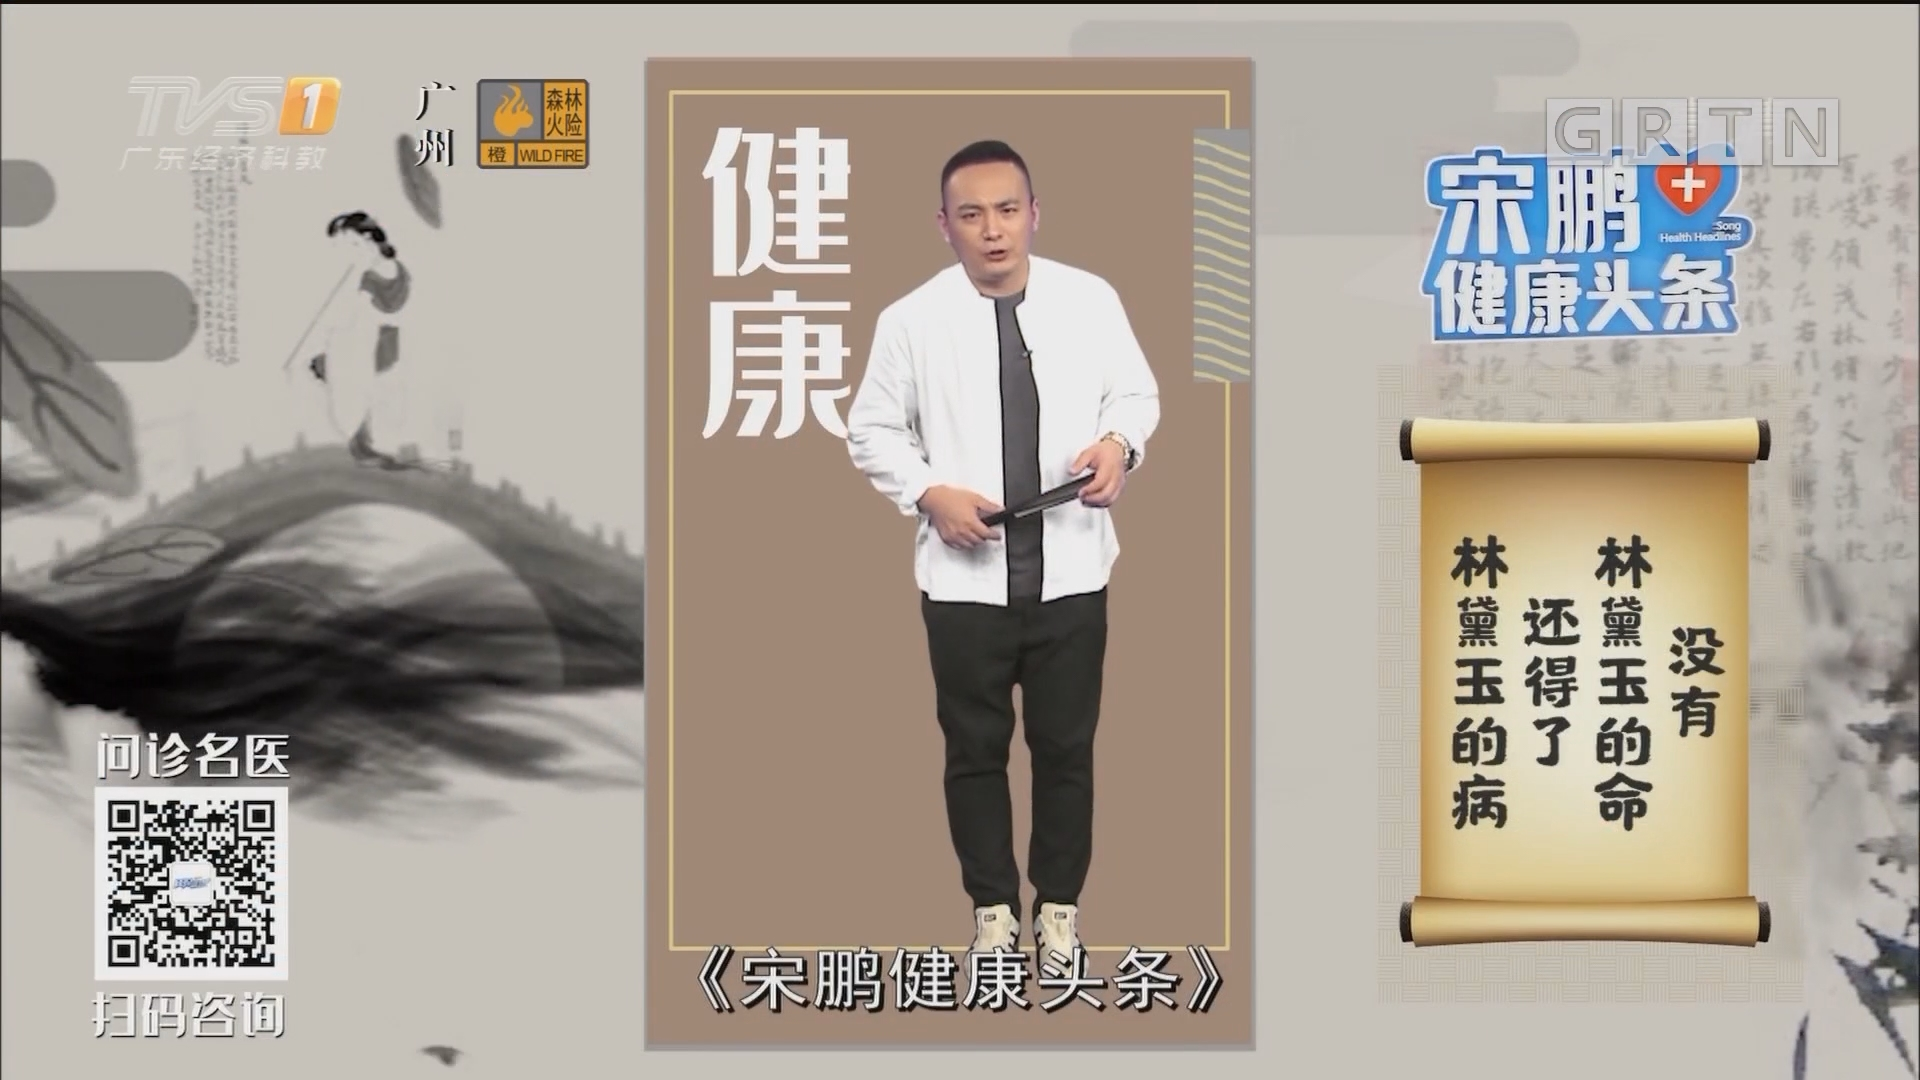 [HD][2019-09-24]经视健康+:宋鹏健康头条:没有林黛玉的命 还得了林黛玉的病